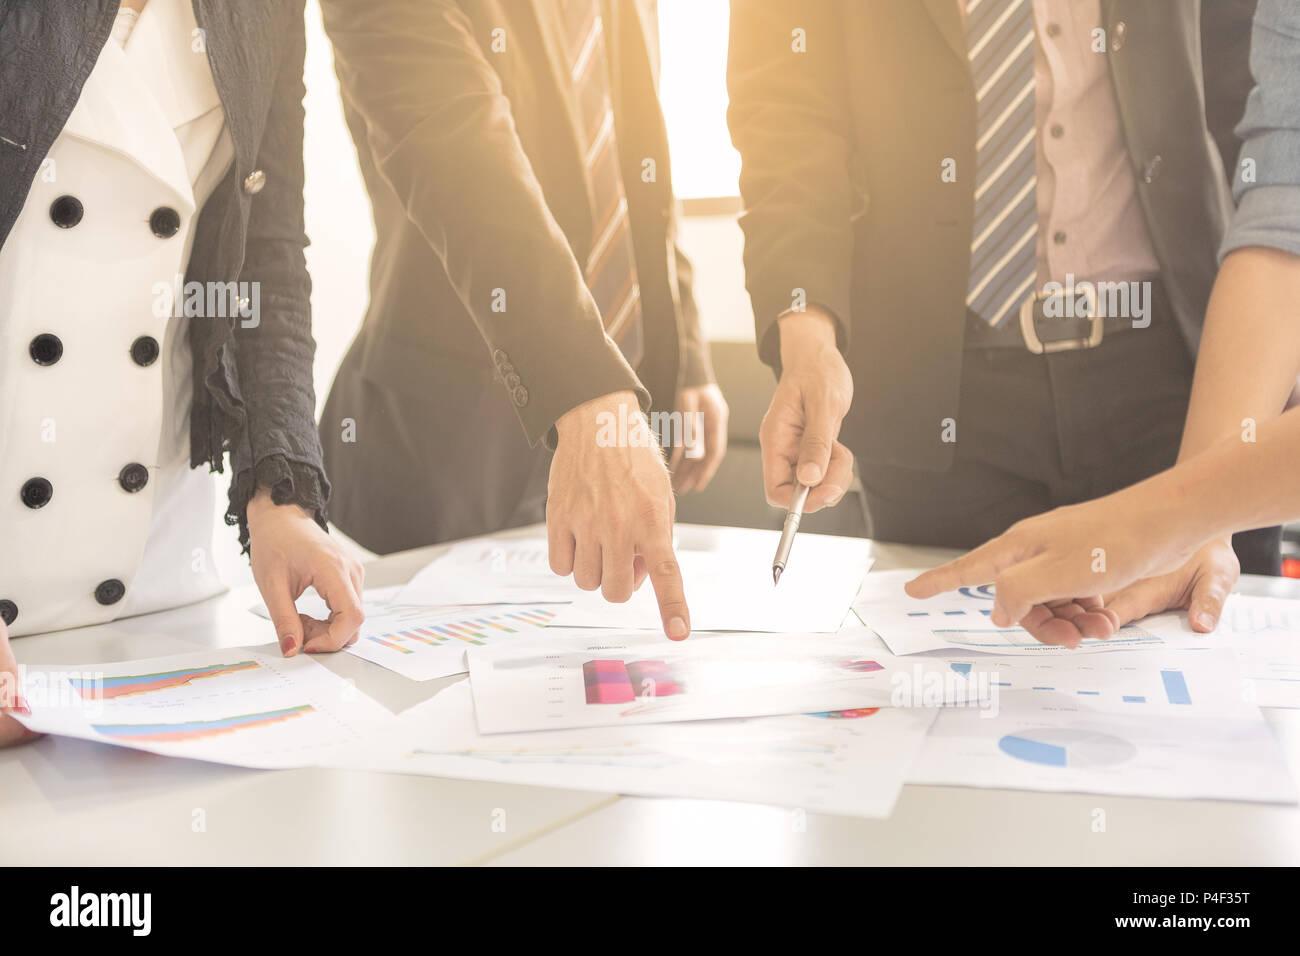 El empresario y la mujer son ideas creativas a la nueva idea de negocio como concepto de trabajo en equipo. Imagen De Stock